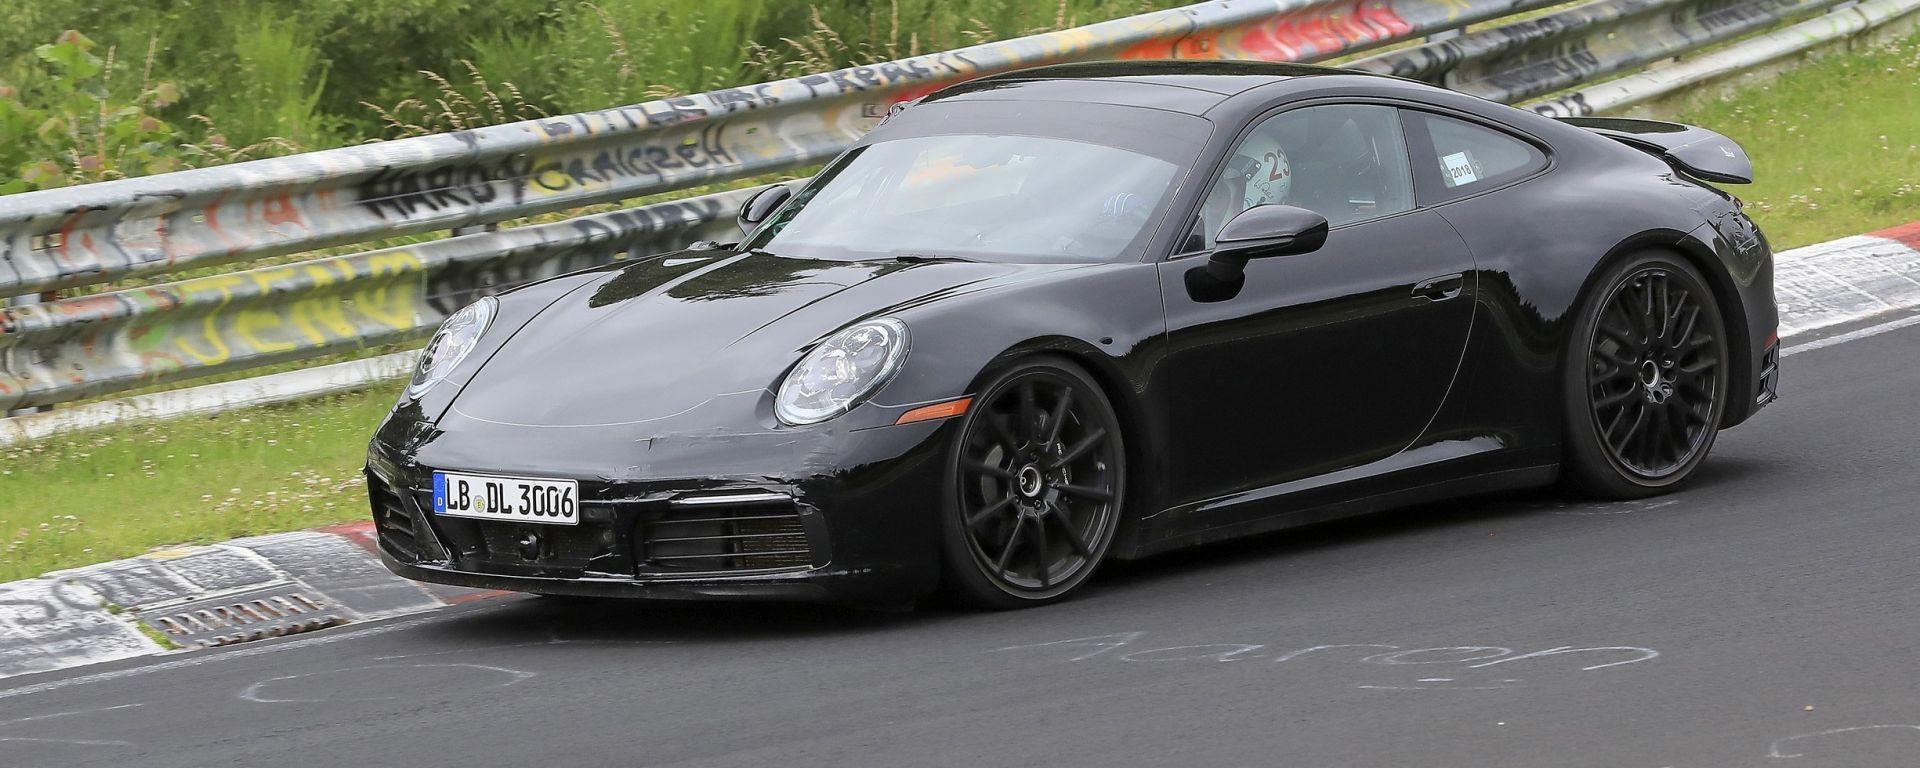 Porsche: avvistata la nuova 911 al Ring. Ecco il video